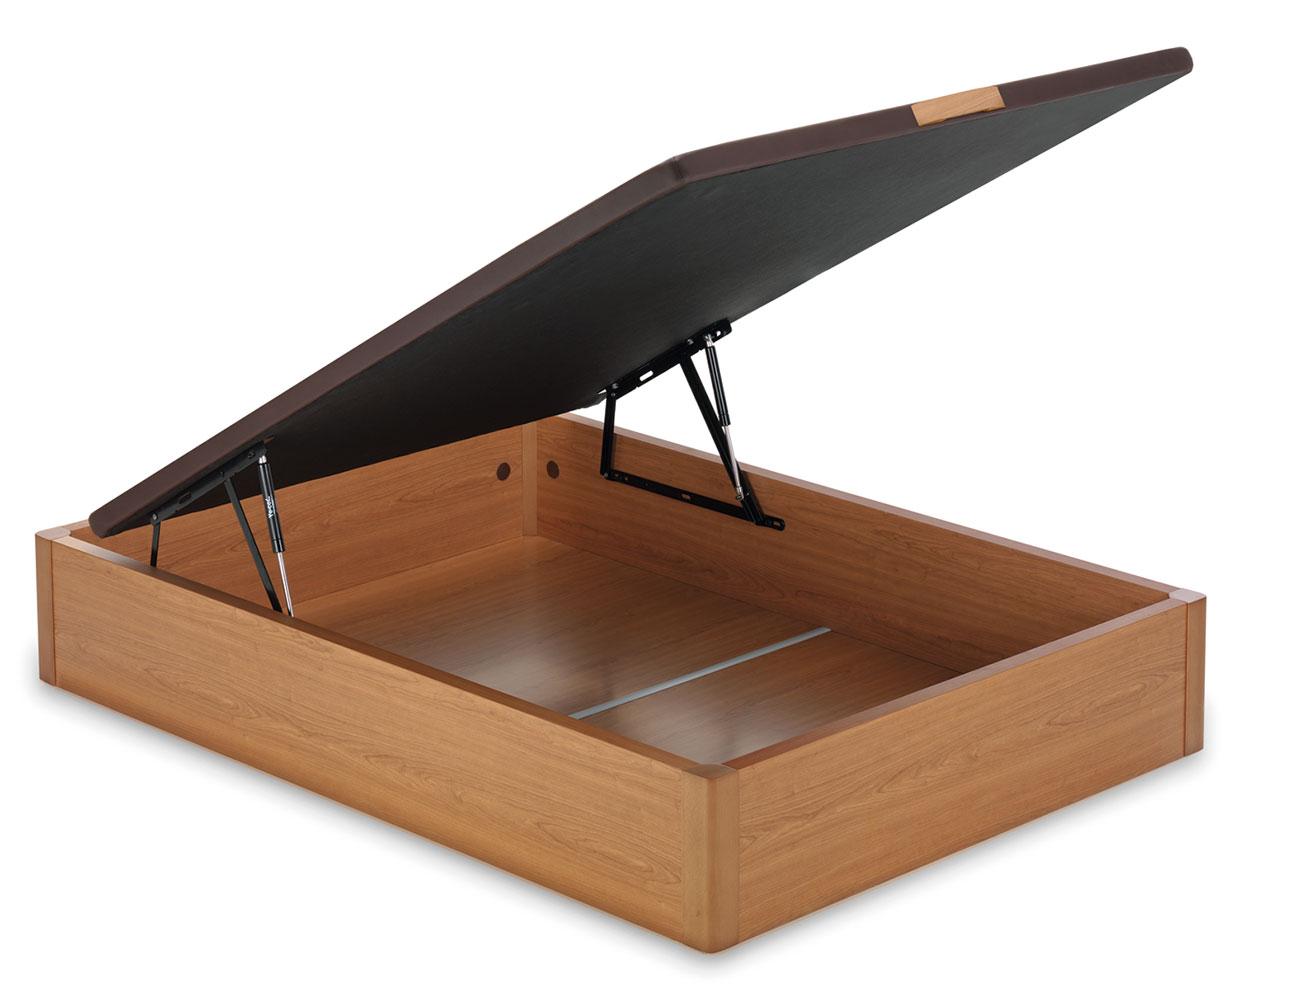 Canape madera 5 cm grosor gran calidad abierto7